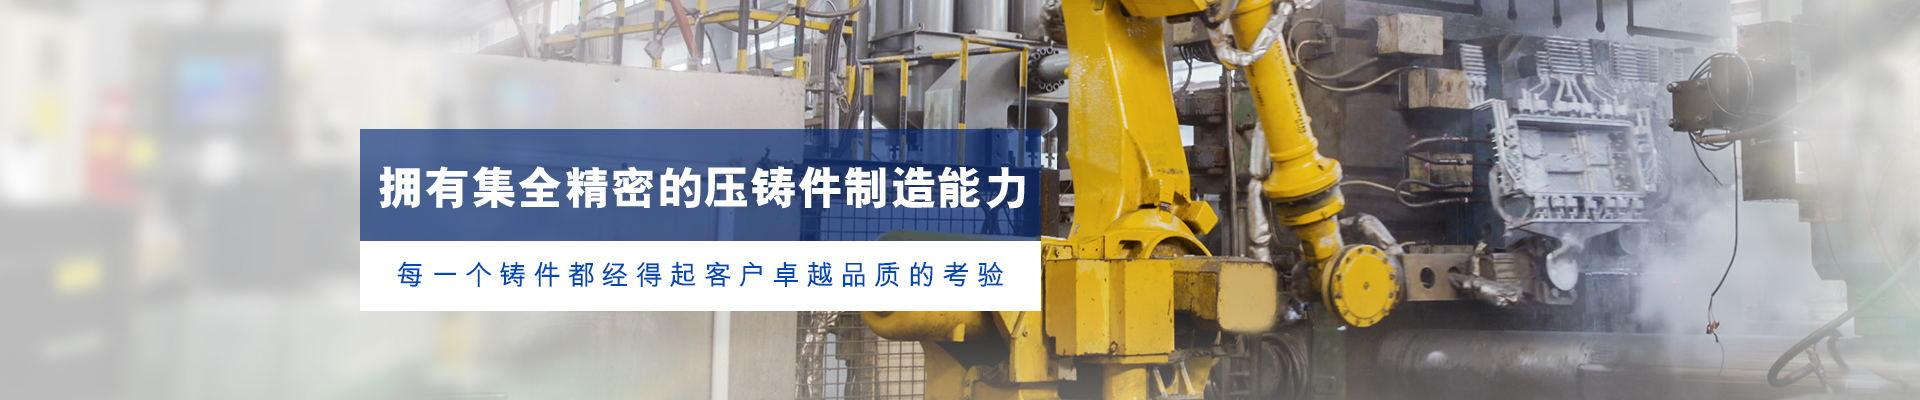 宜安科技-拥有集全精密的压铸件制造能力